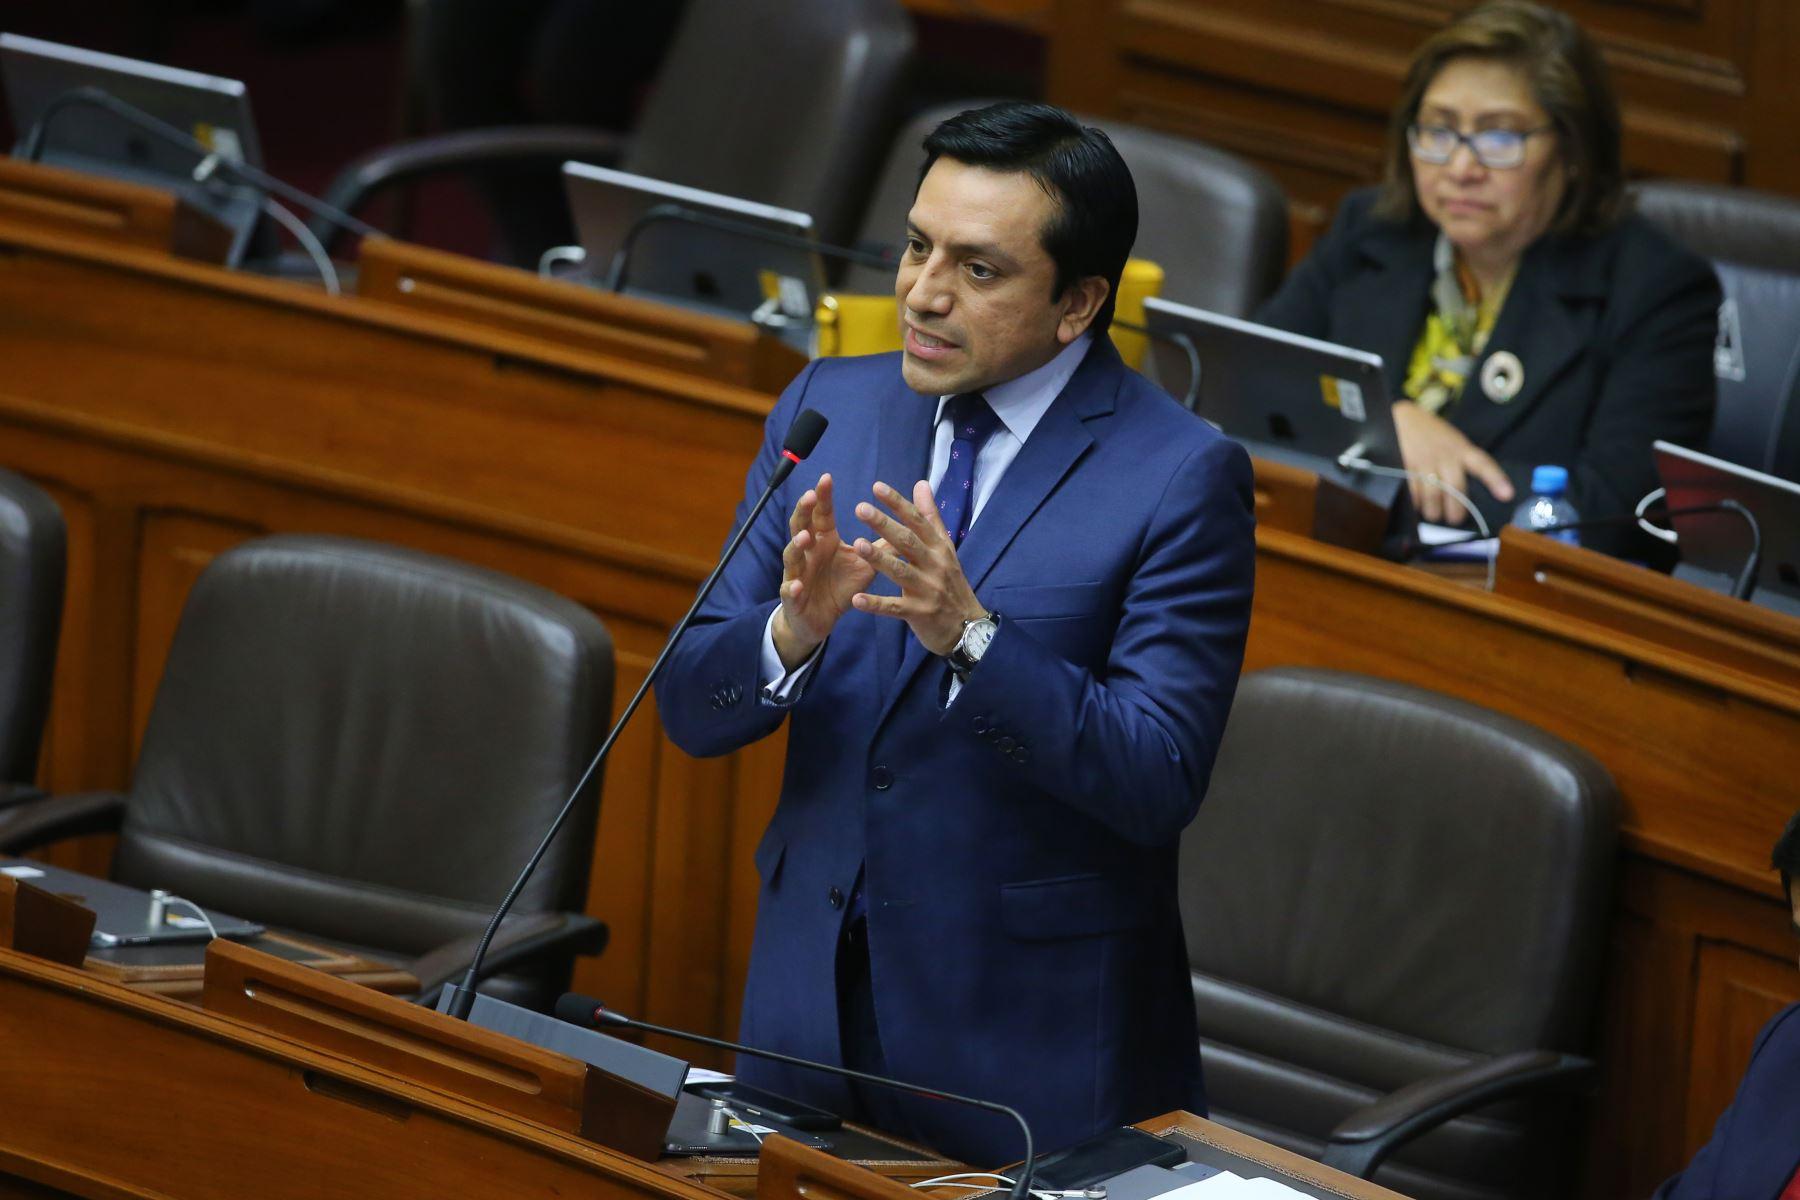 Congresista Gilbert Violeta interviene en el debate sobre la cuestión de confianza en el Congreso de la República. Foto: ANDINA/Vidal Tarqui